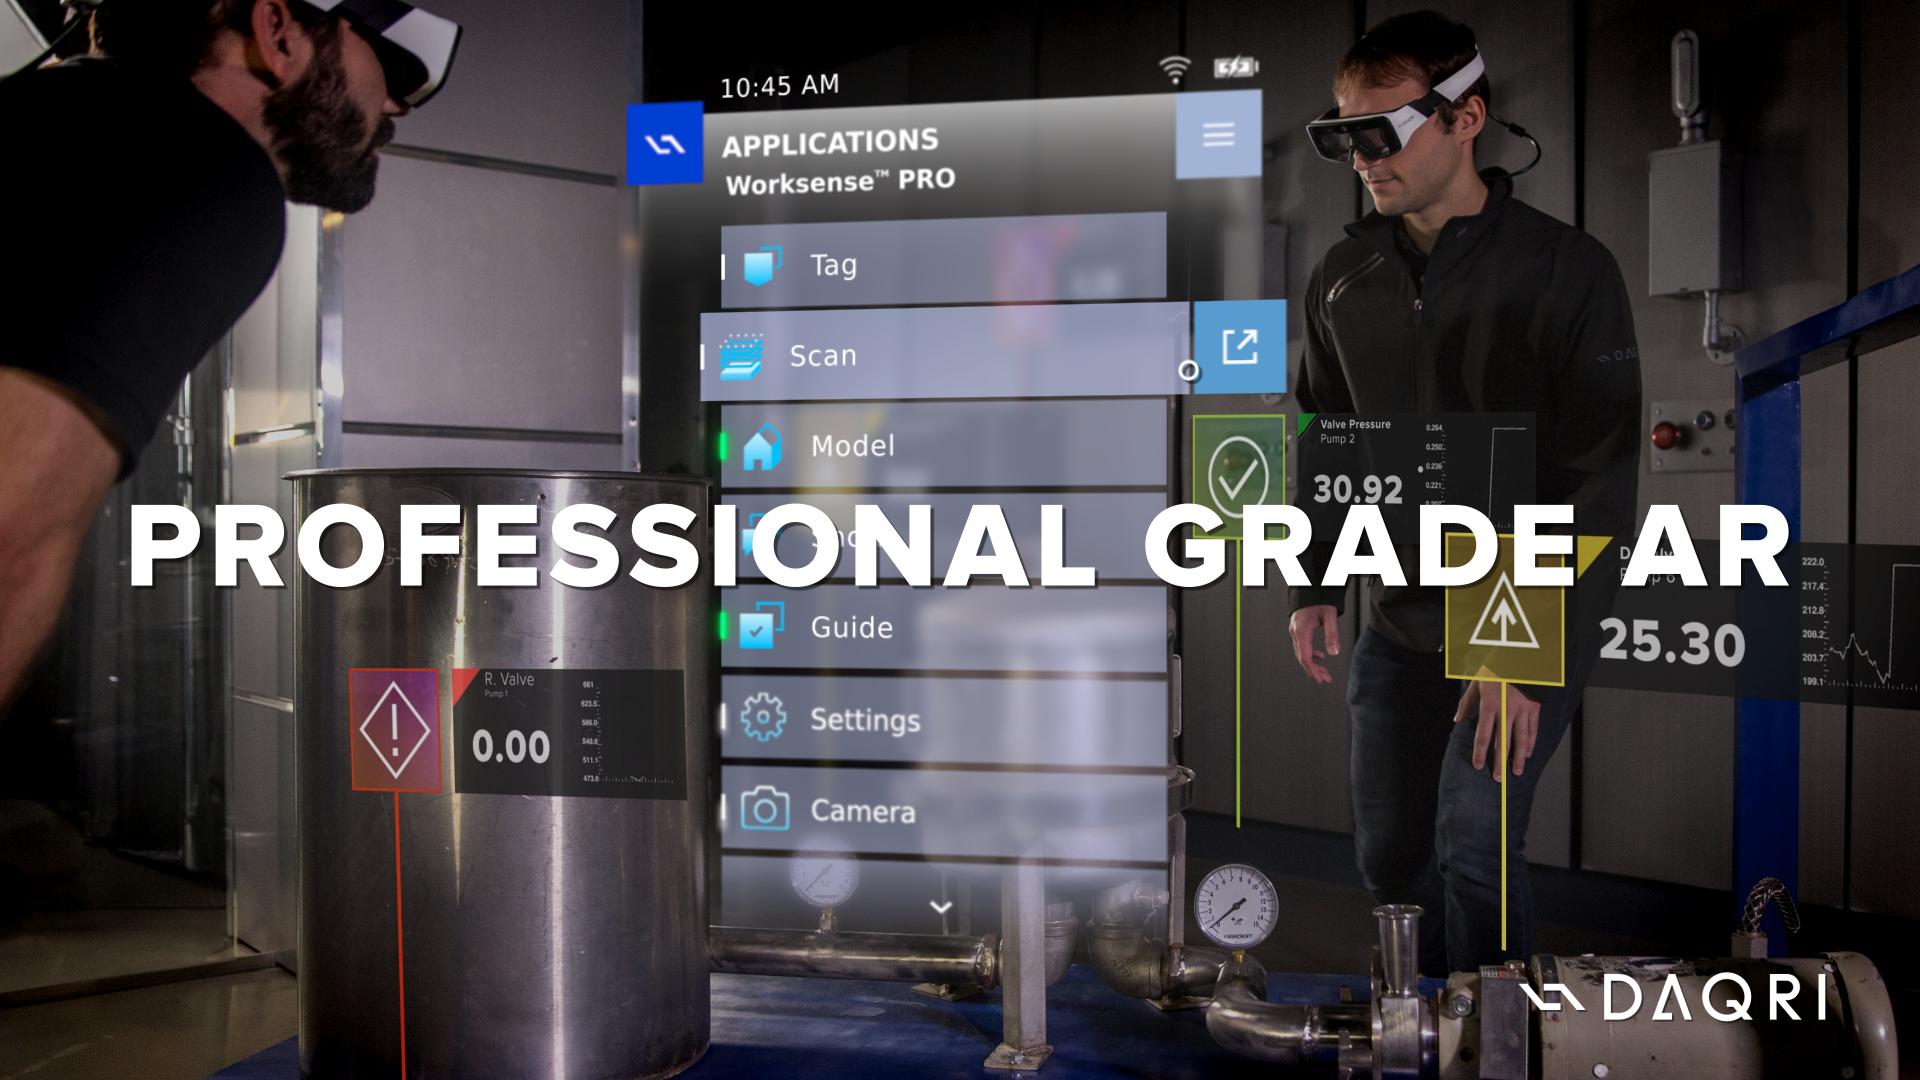 Professional Grade AR - DAQRI